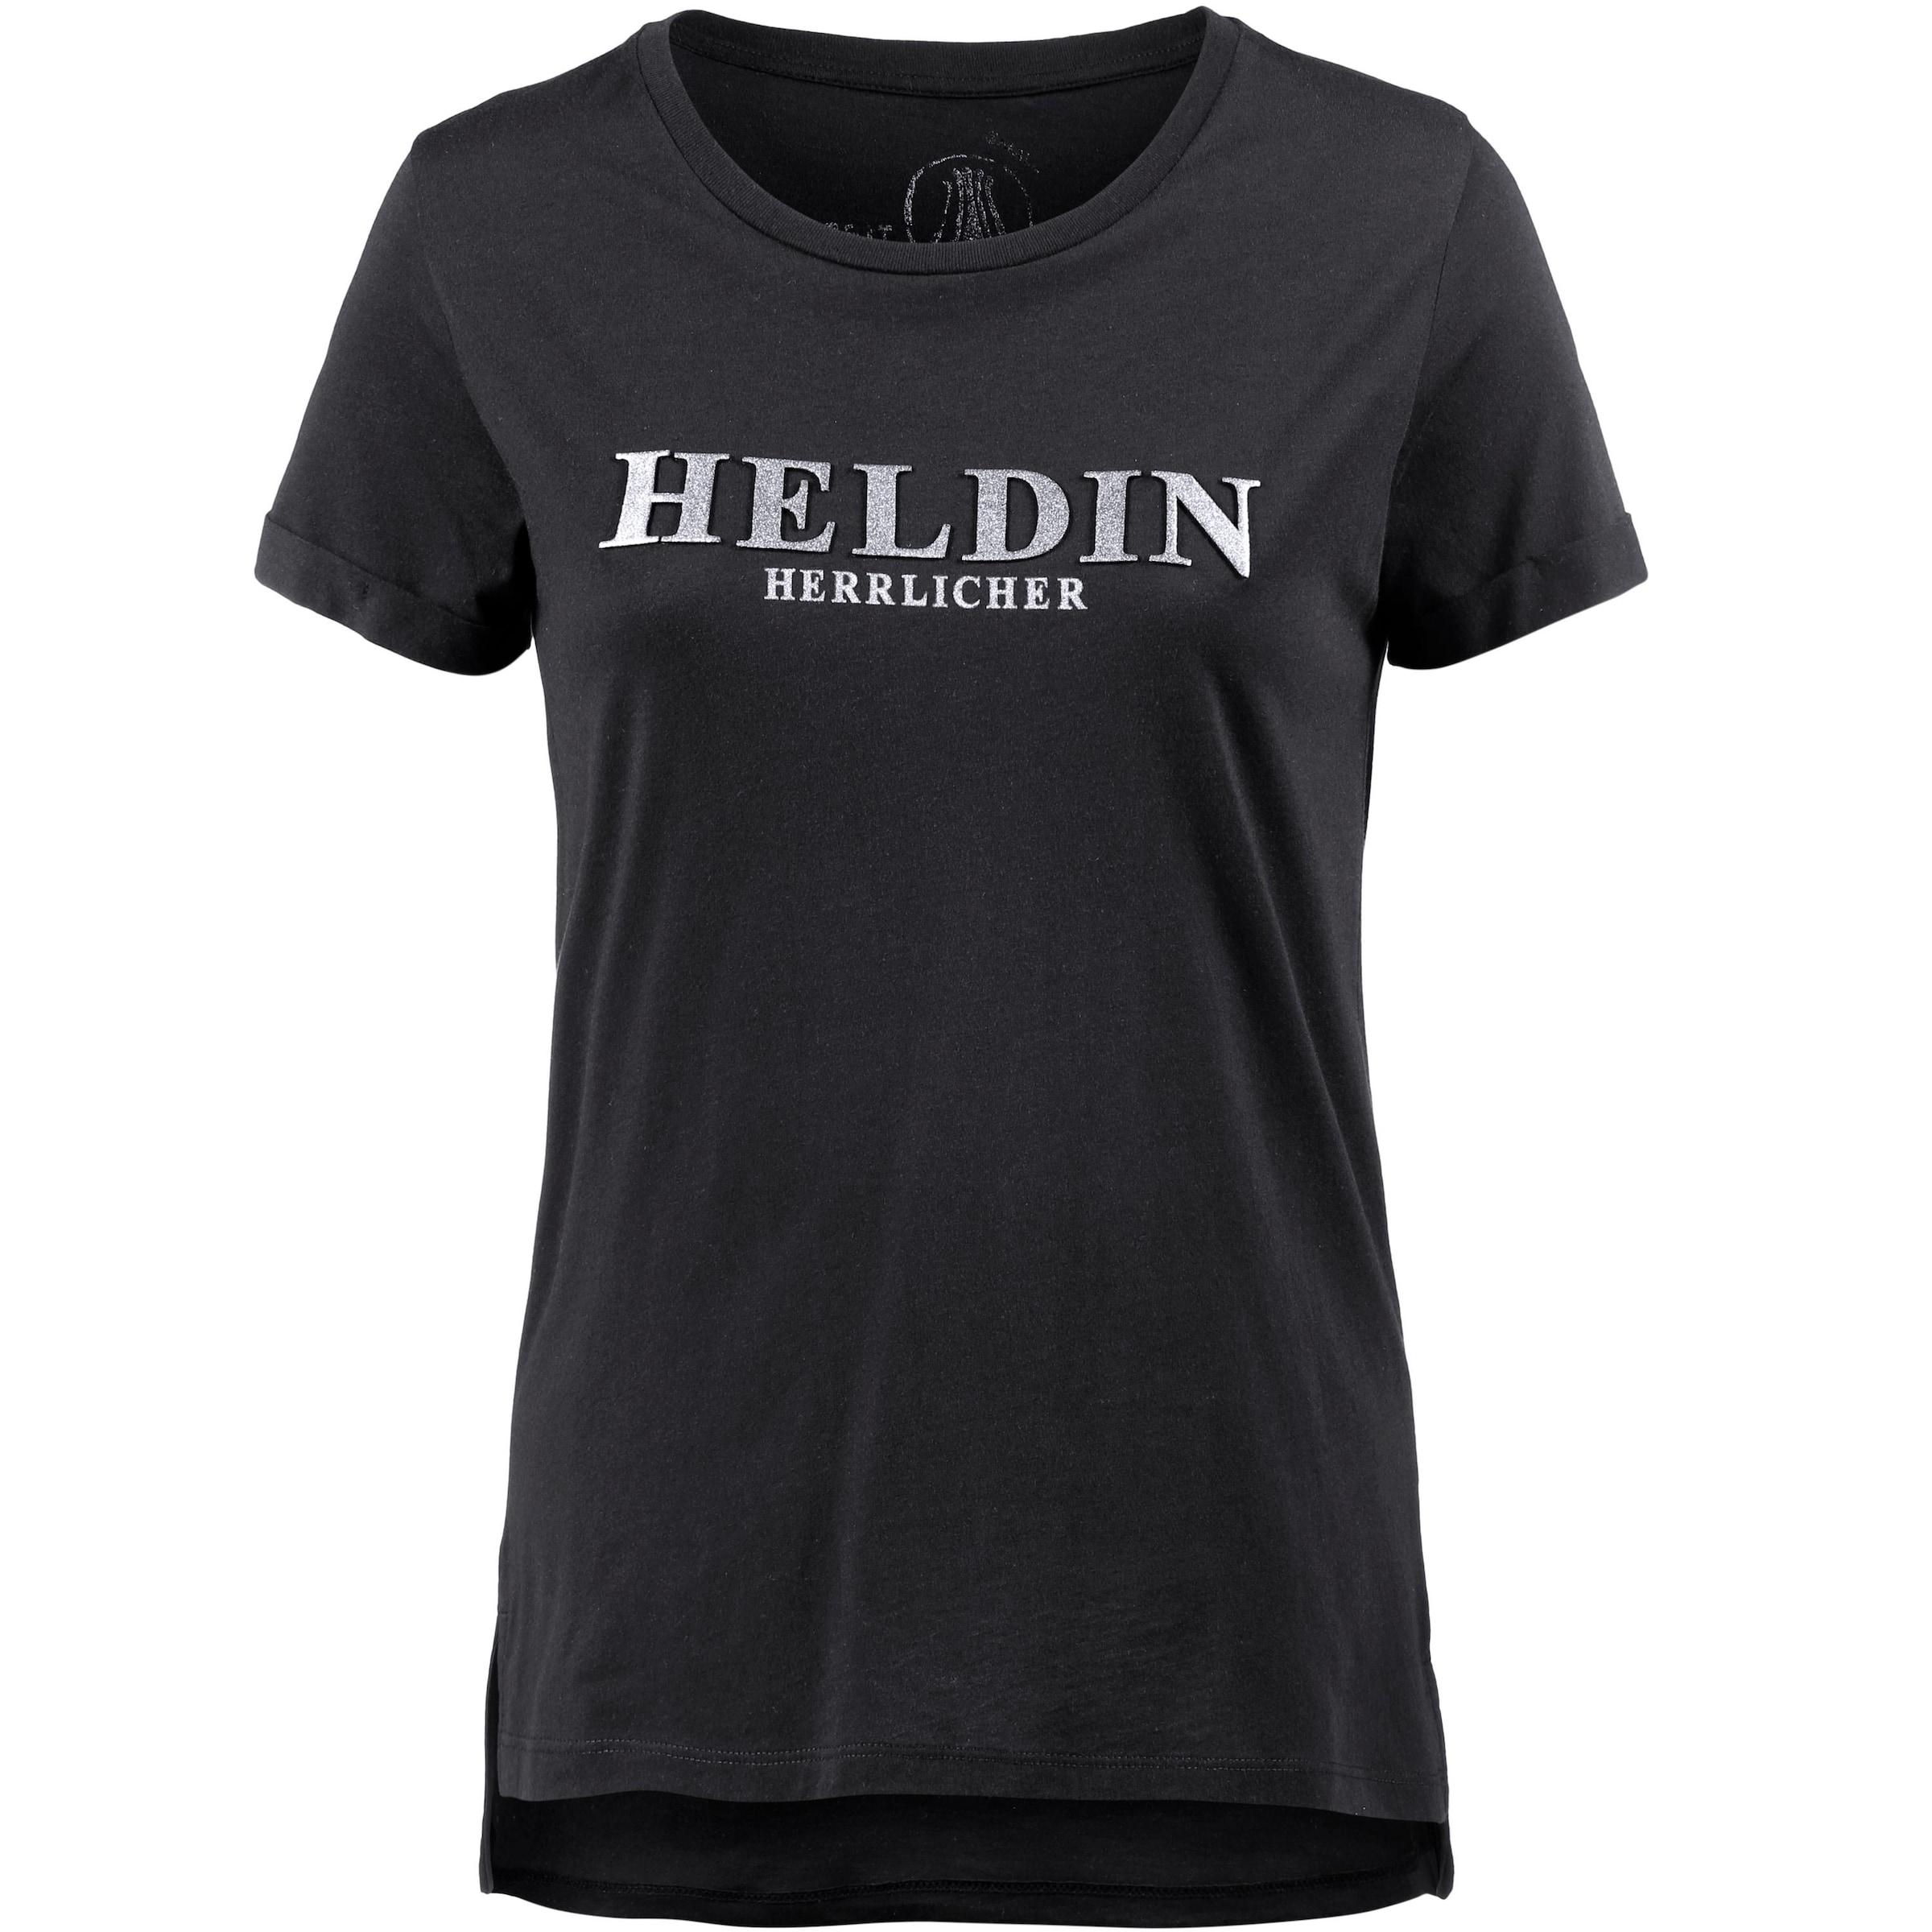 Viele Arten Von Günstiger Online Herrlicher Herrlicher Kendall T-Shirt Damen Günstig Kaufen Kauf kjlrCDGw